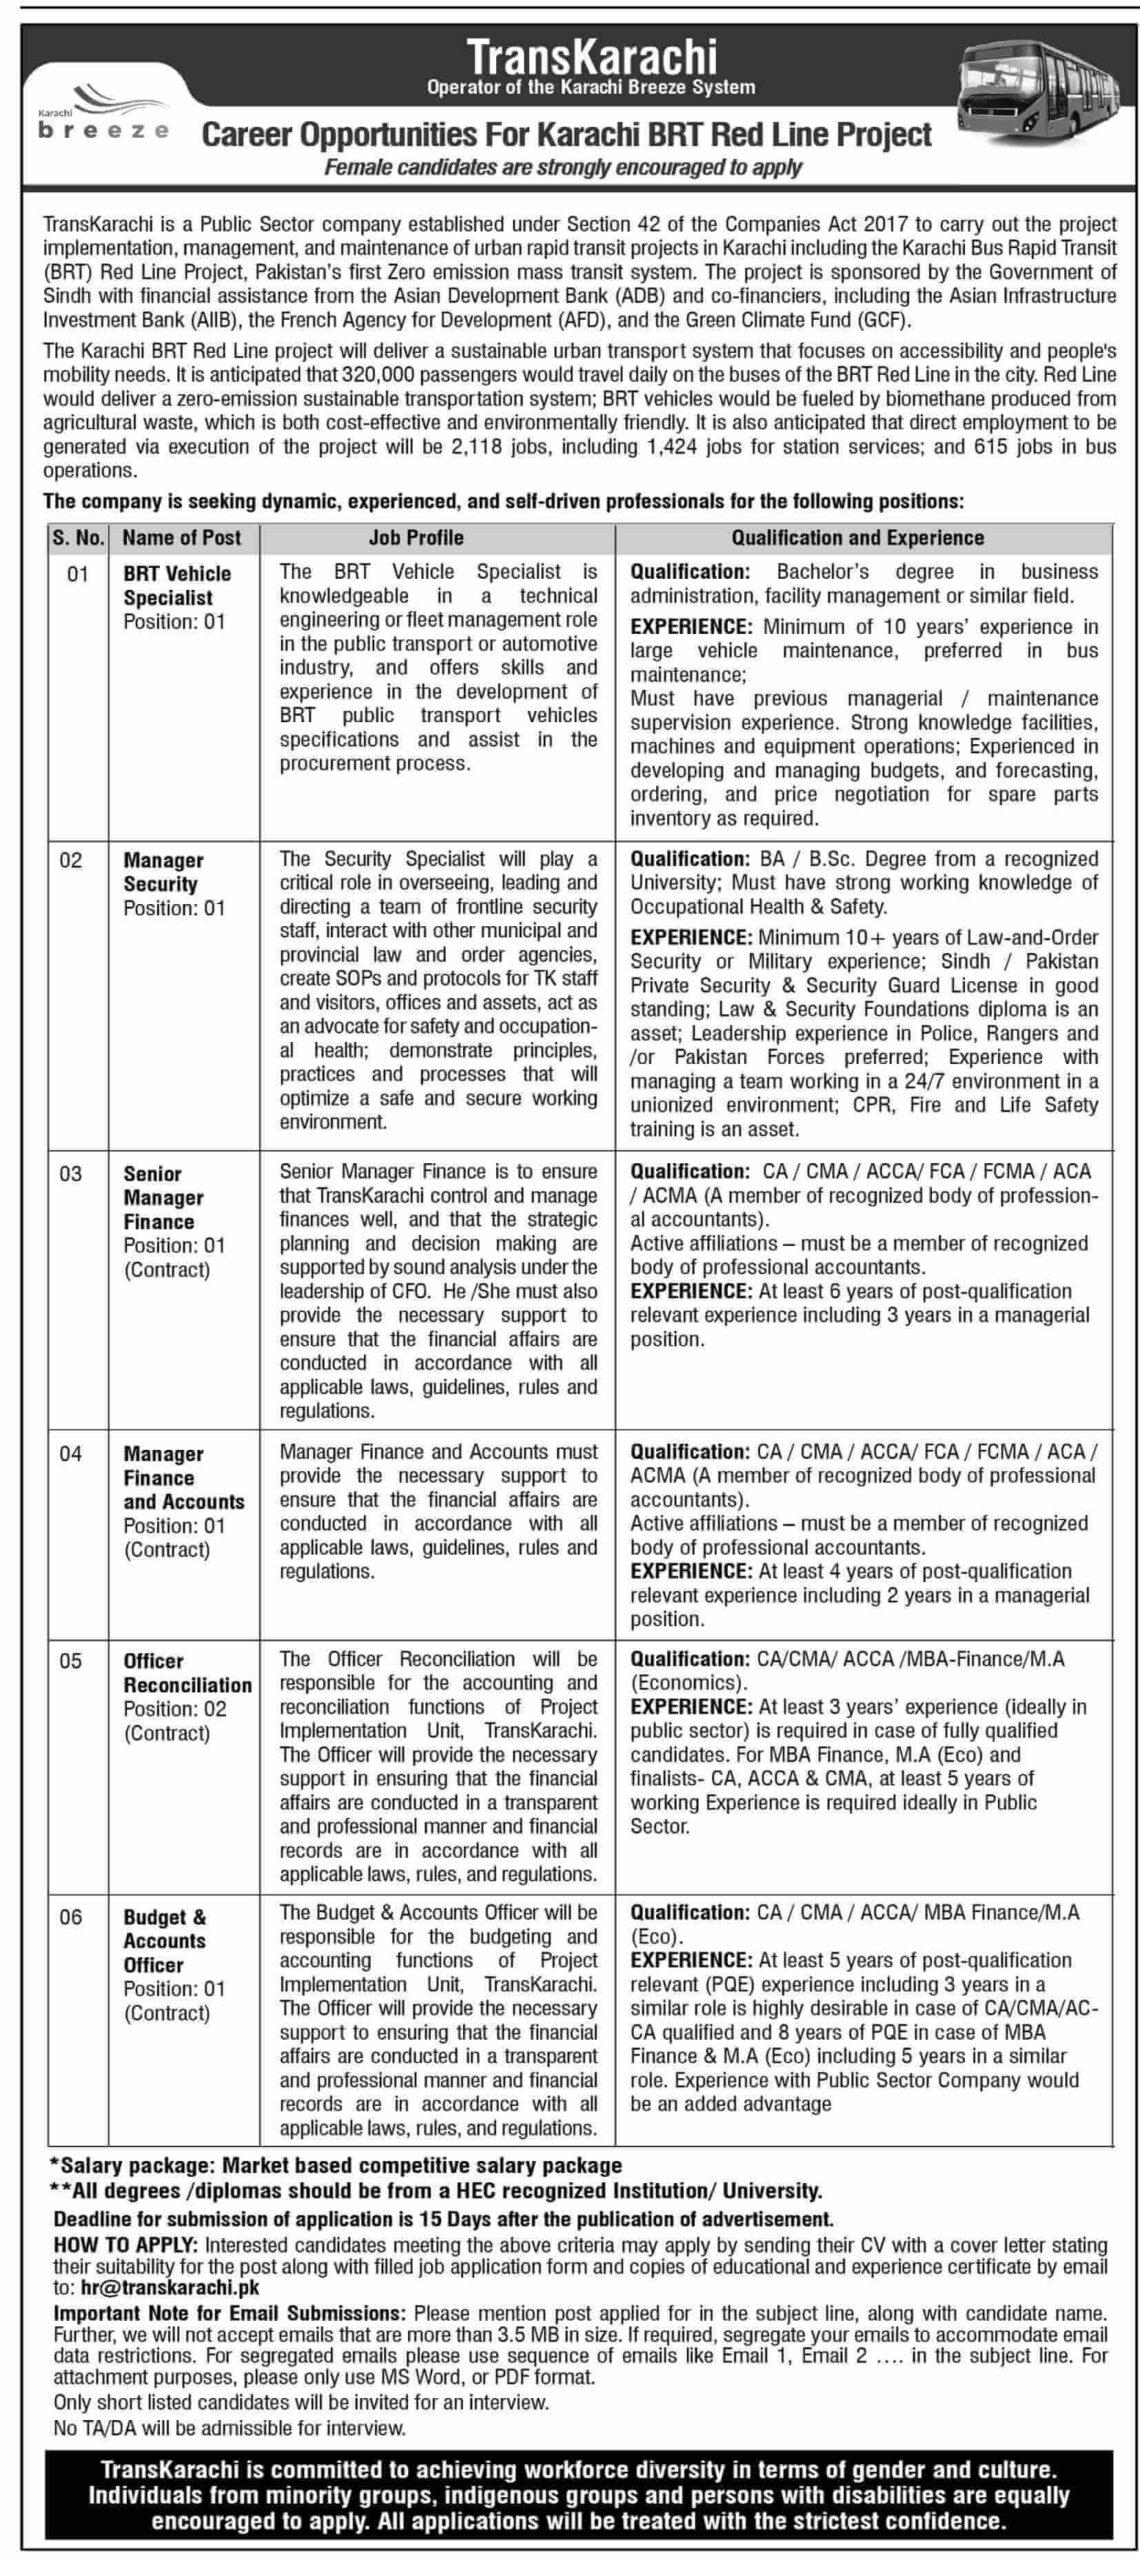 BRT Red Line Project Karachi Jobs 2021